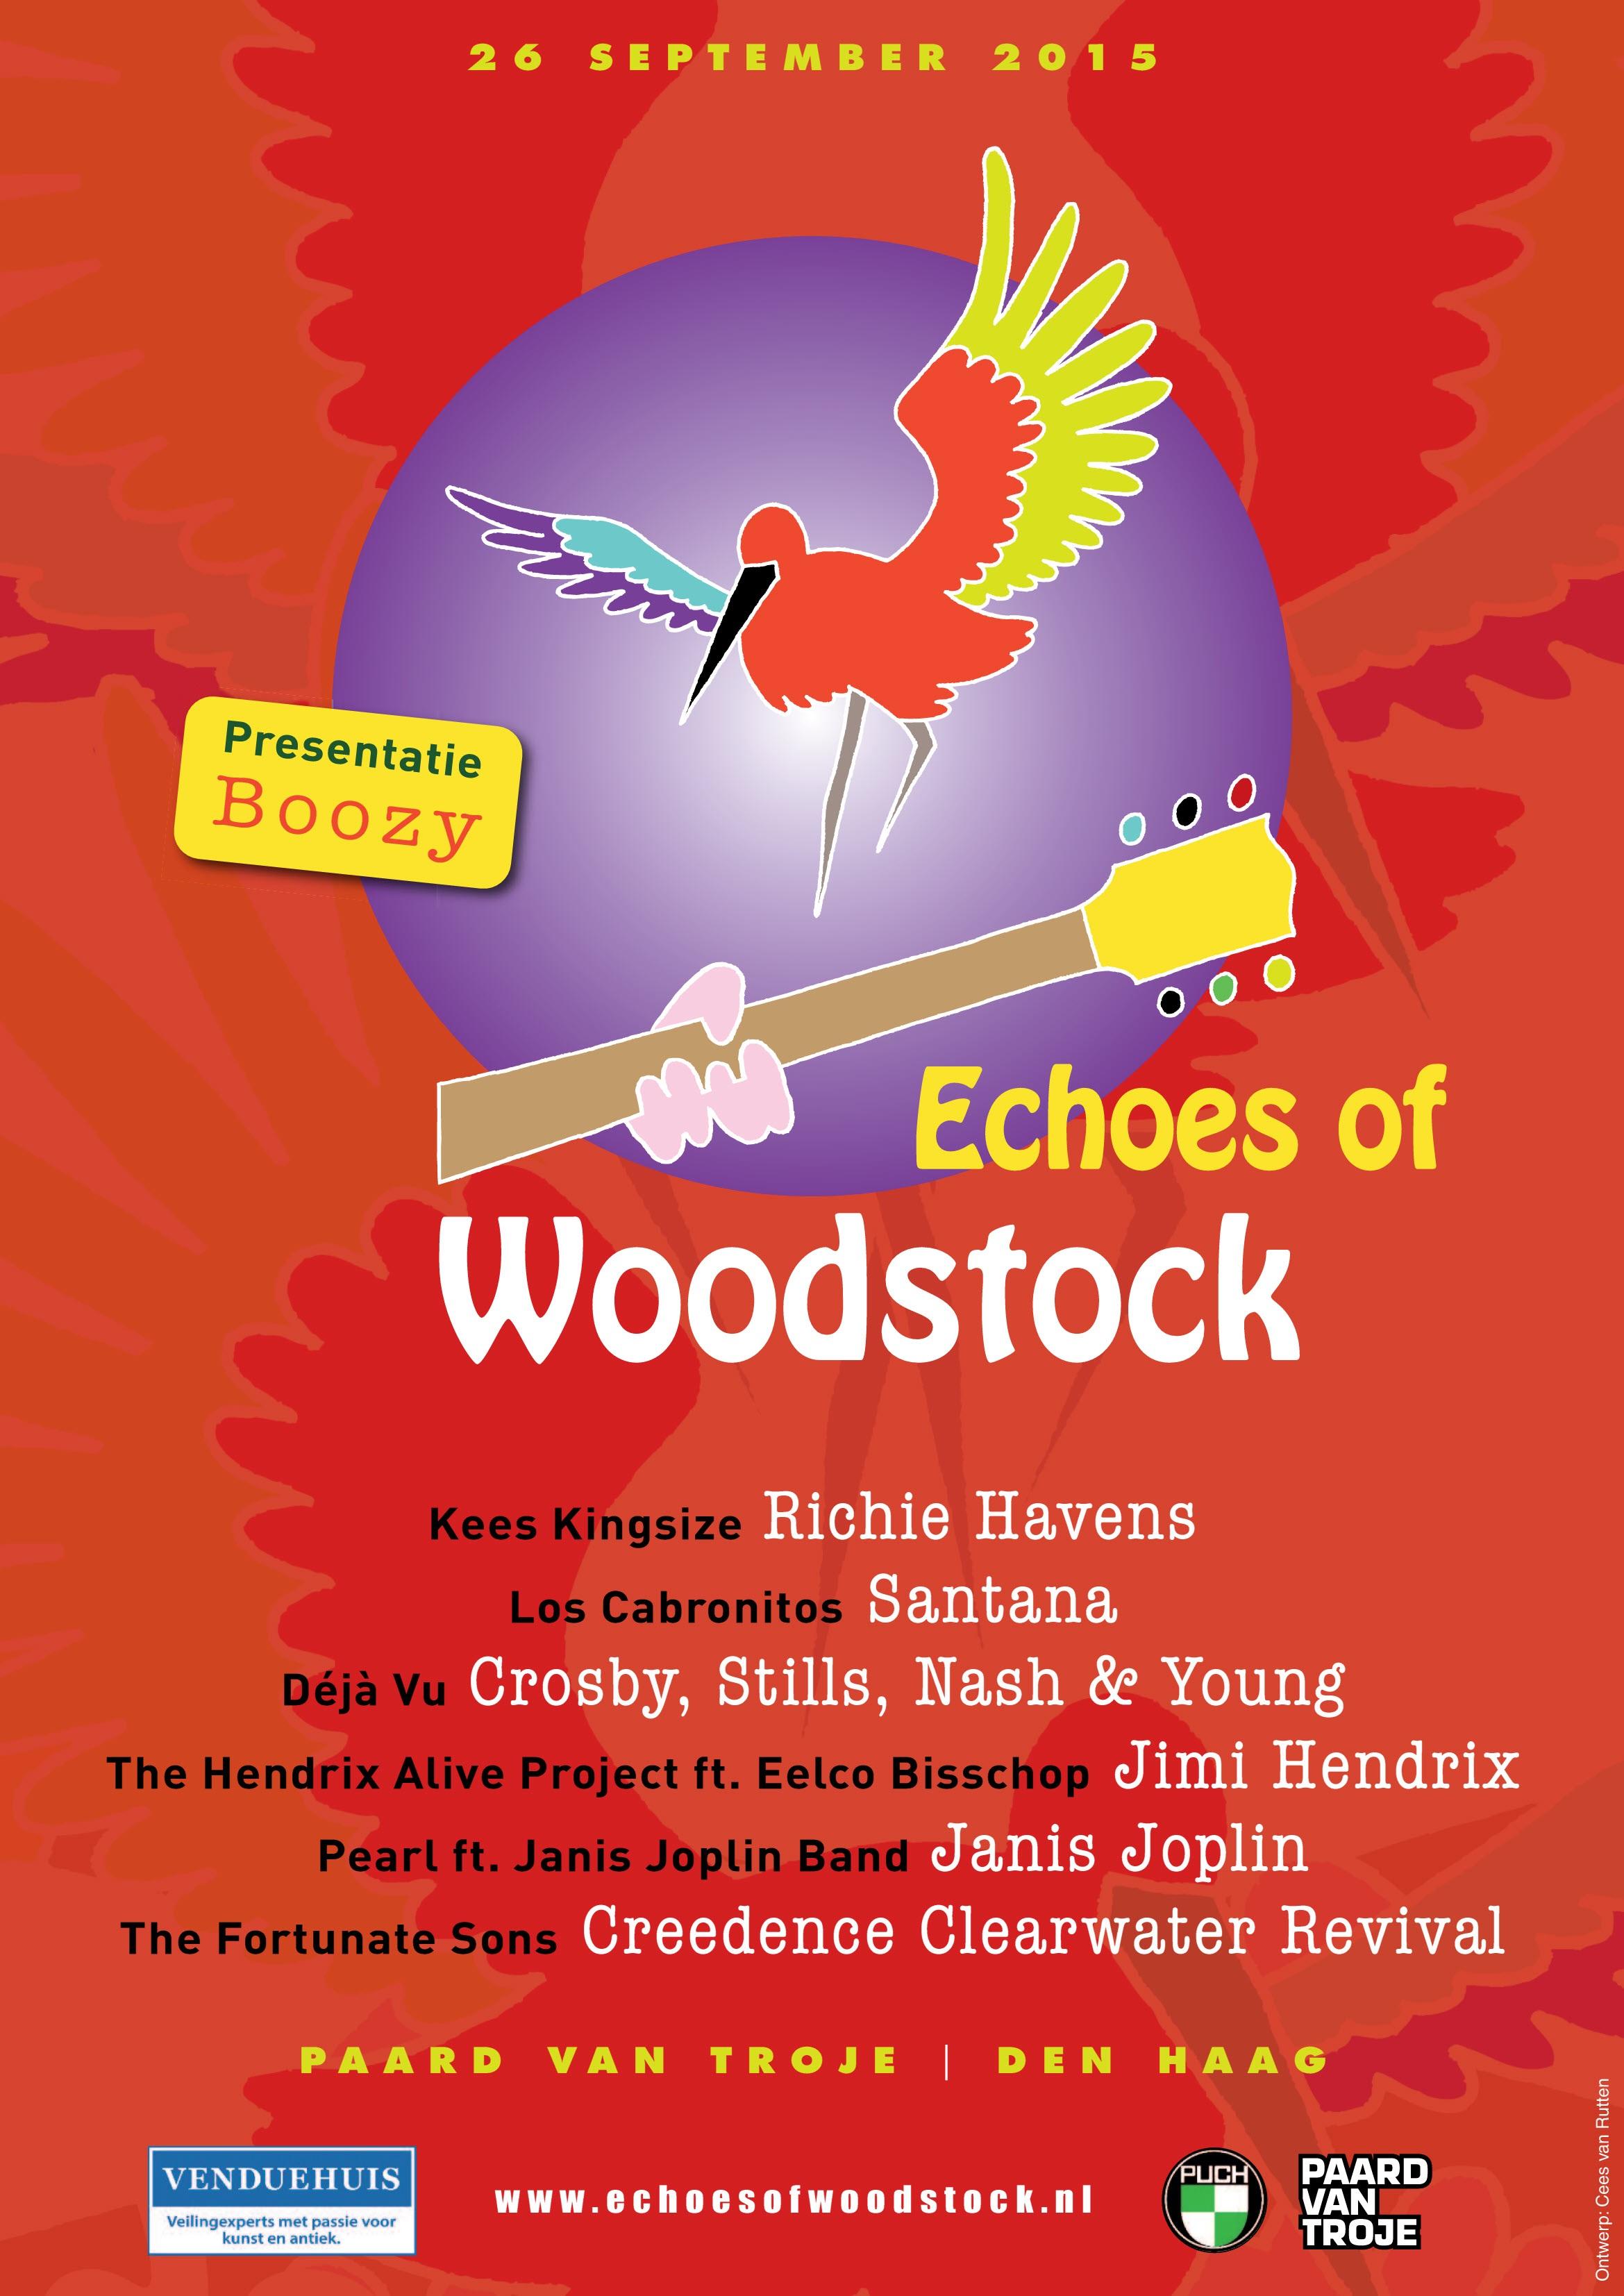 Woodstock-Paard van Troje-Den Haag